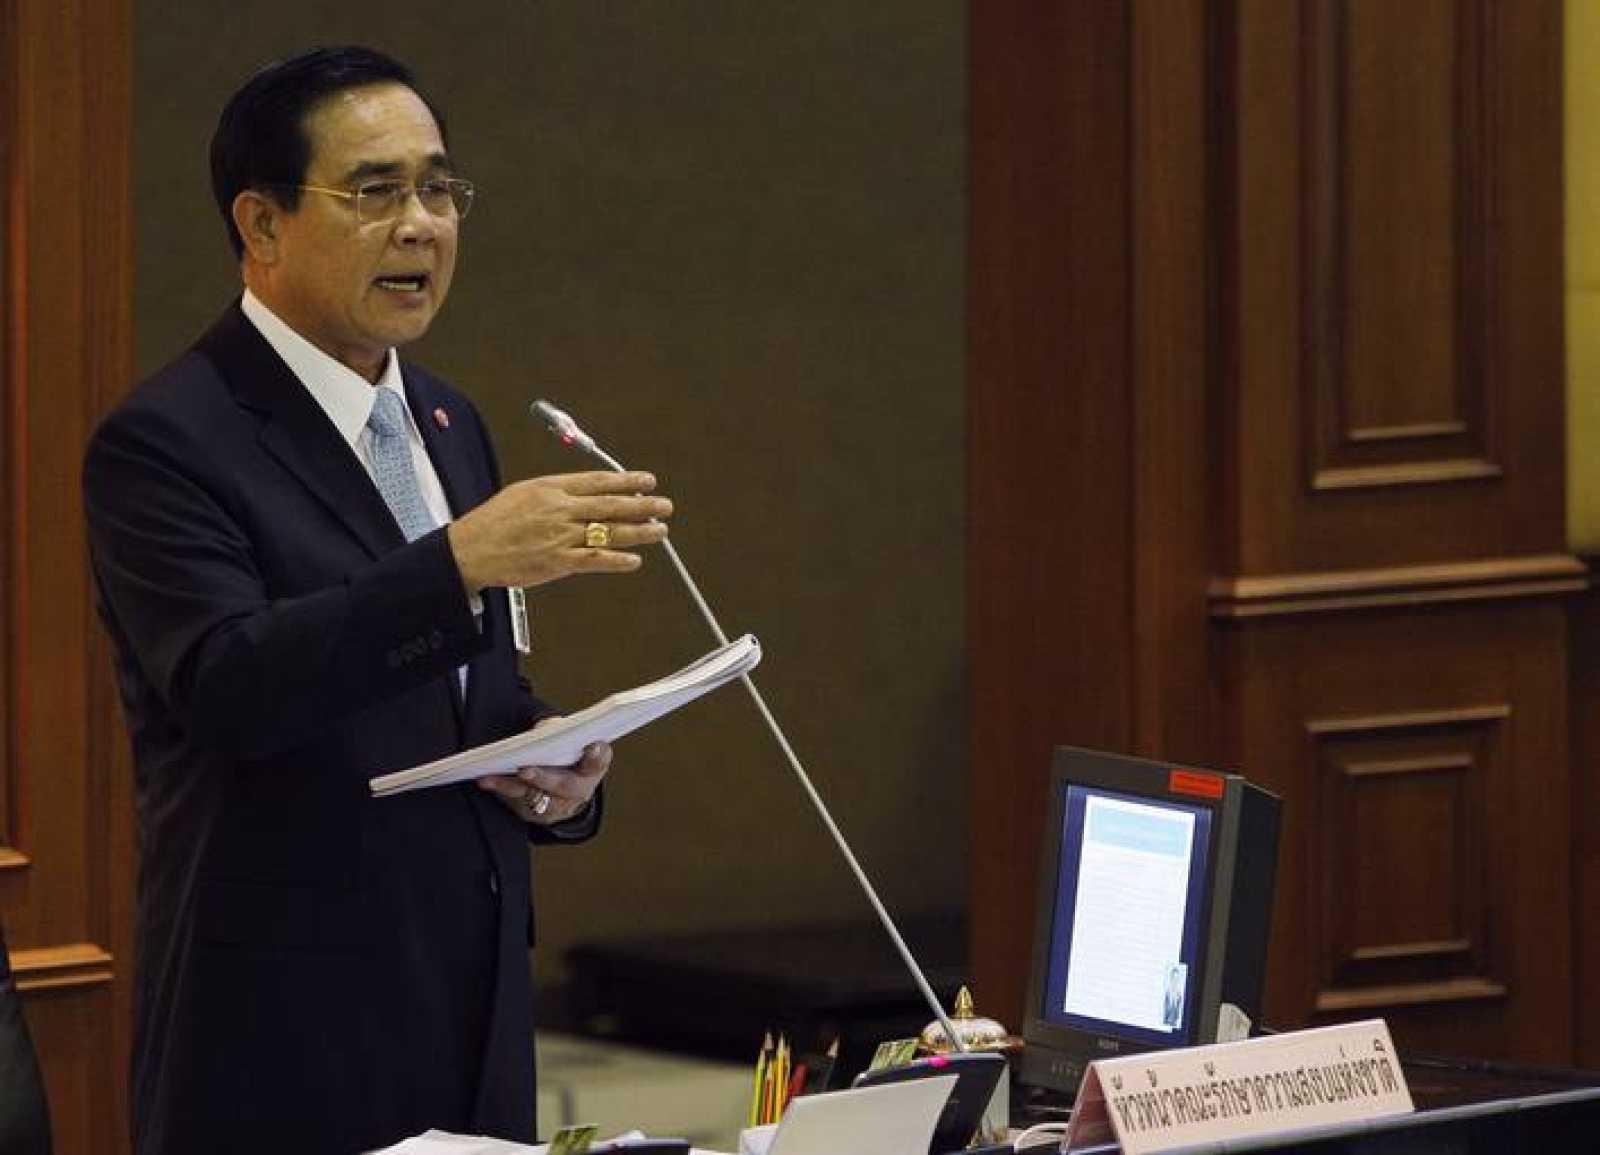 El jefe de la Junta Militar y nuevo primer ministro de Tailandia, el general Prayuth Chan-ocha, durante una comparecencia ante la Asamblea.